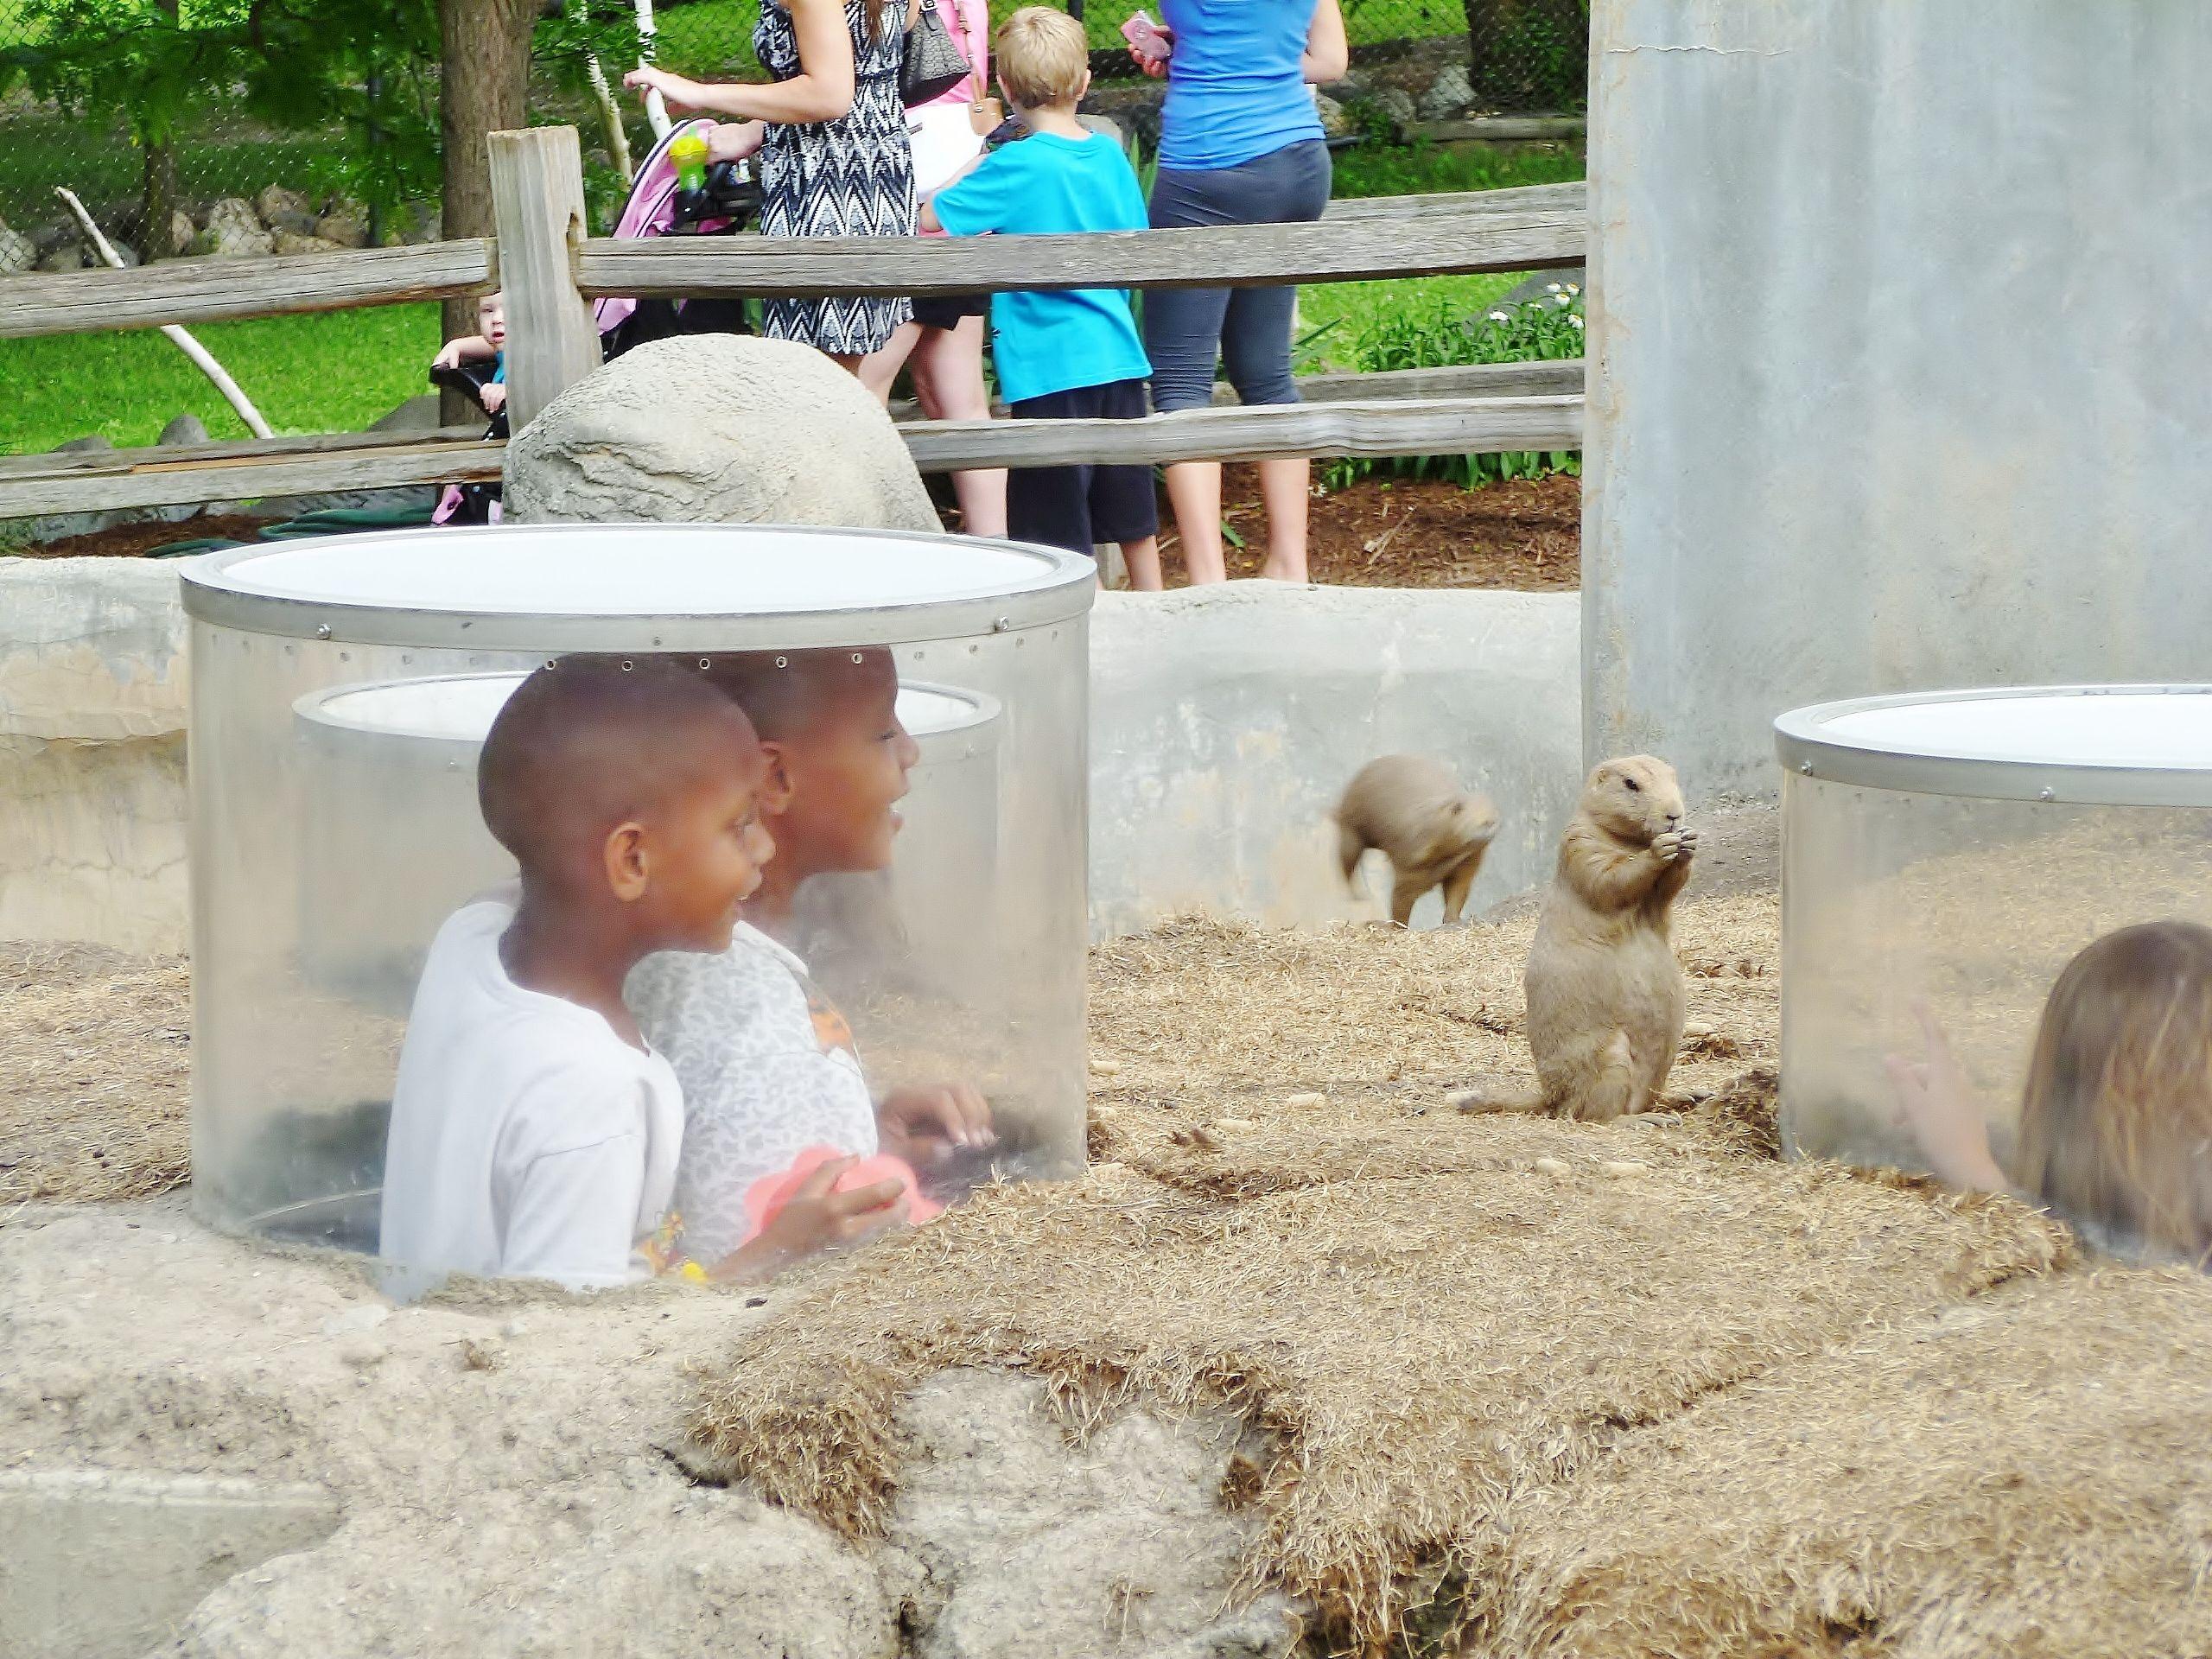 Prairie Dog exhibit Detroit Zoo Royal Oak MI Photo by Kim